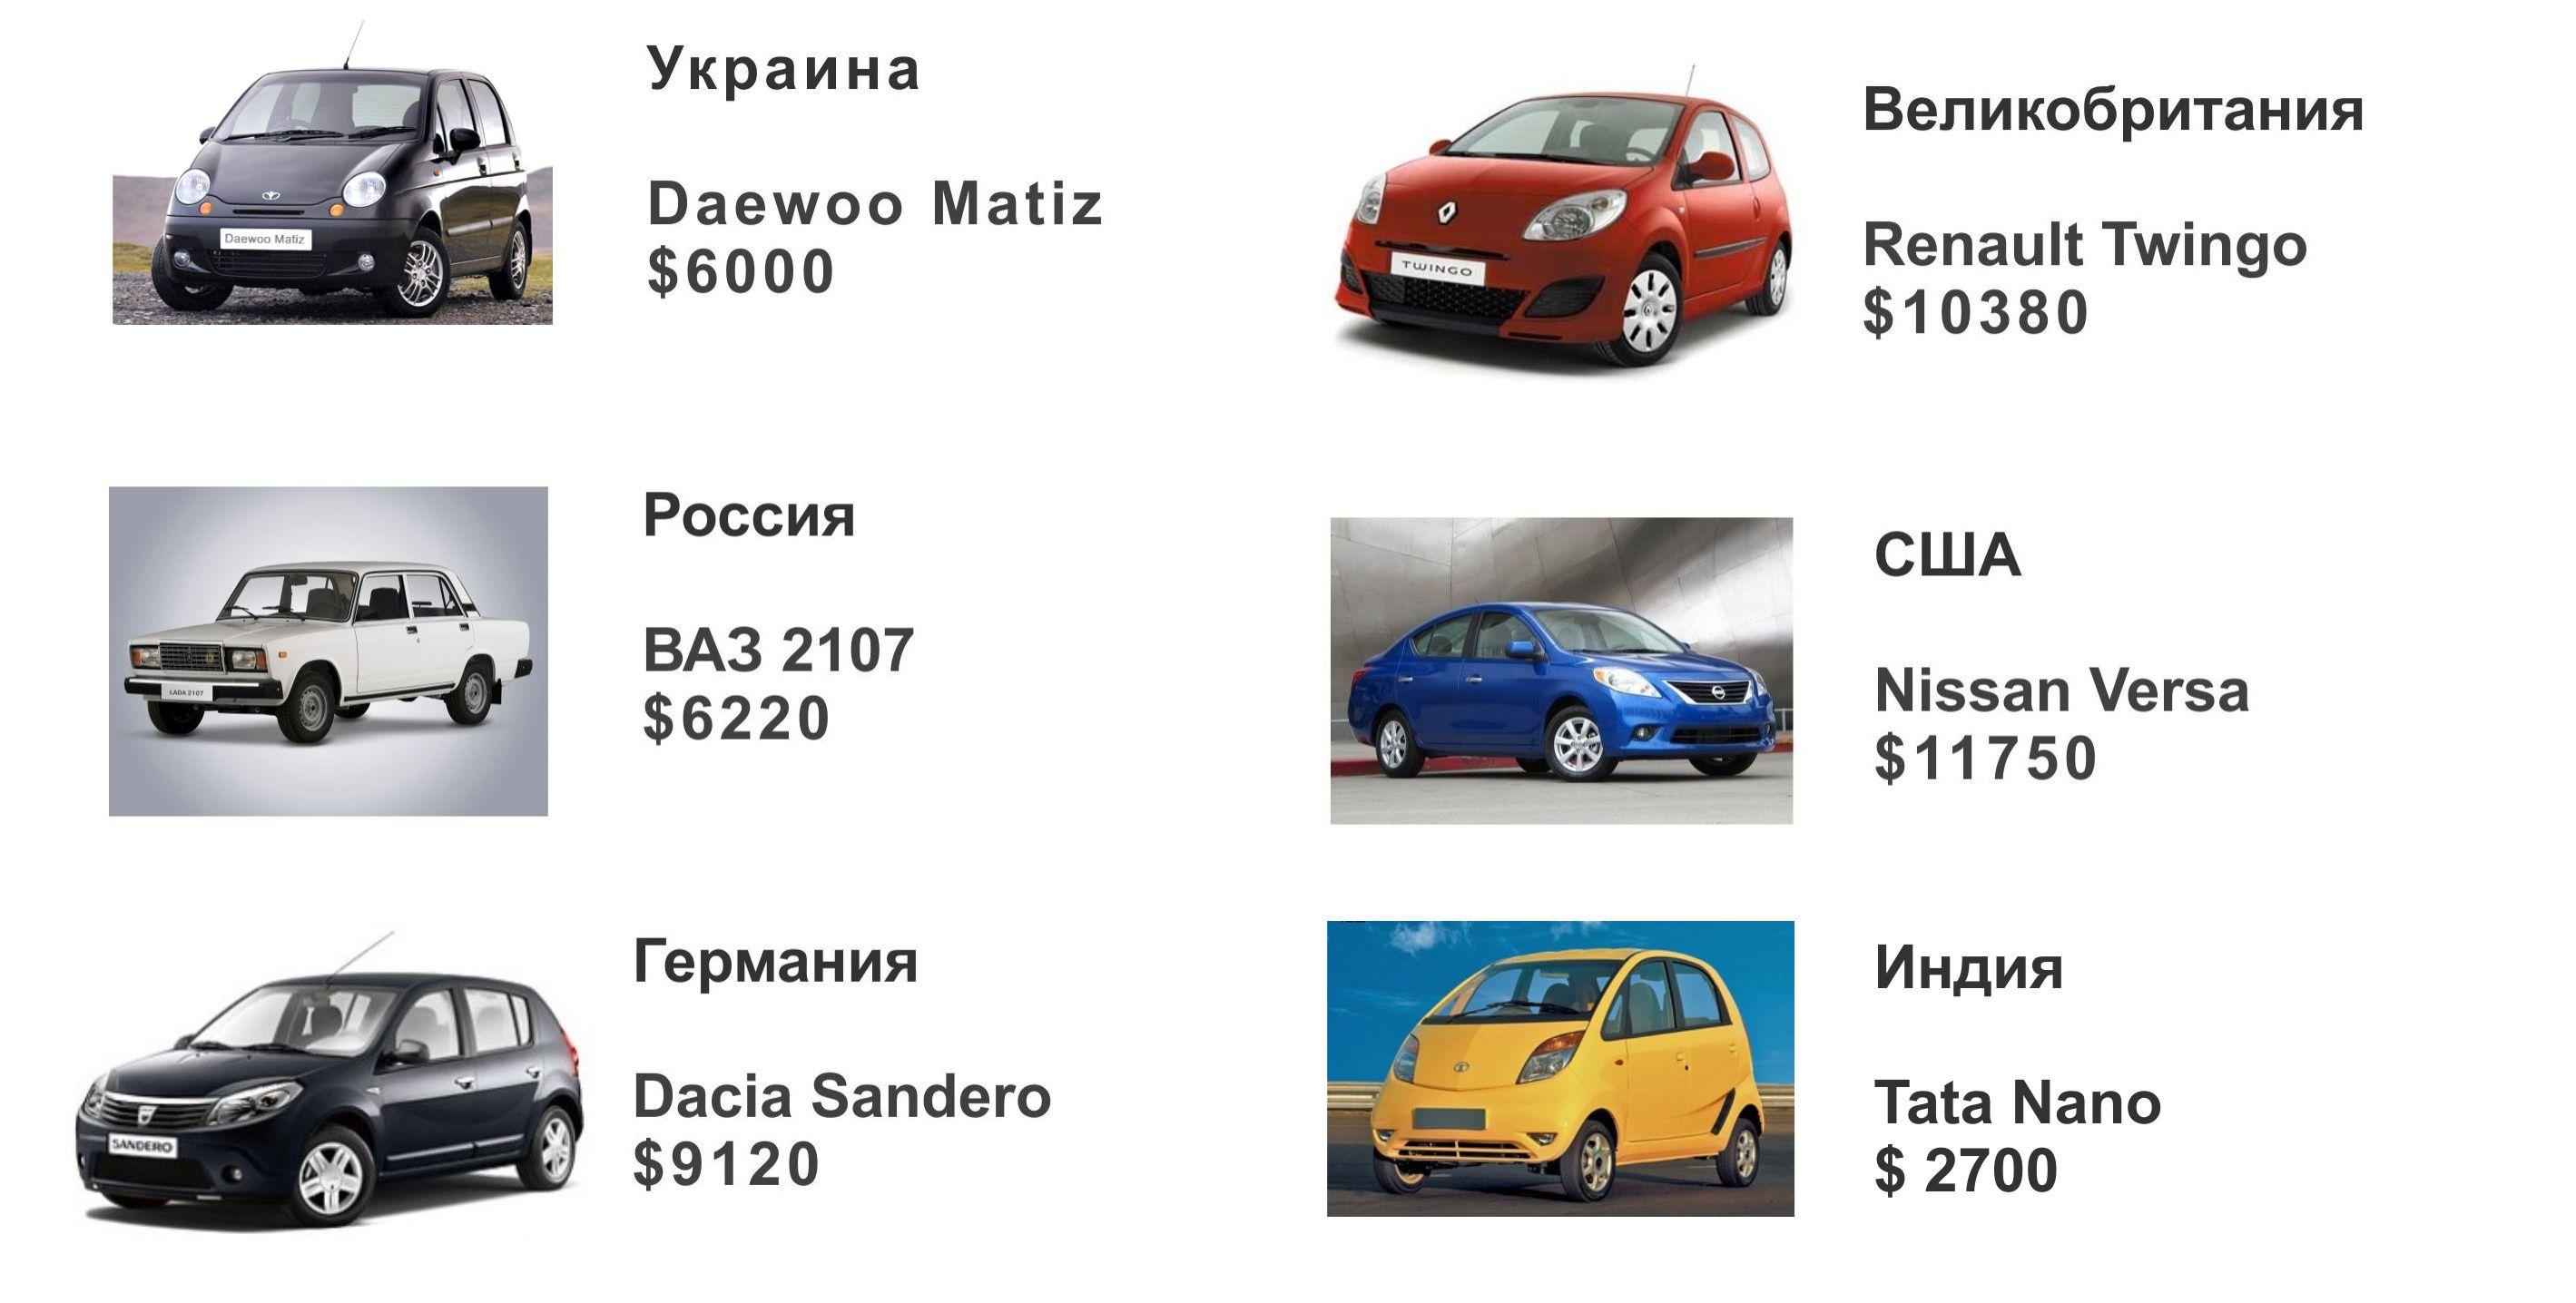 Автомобильная Омега 2.0 | Новые и подержанные автомобили ...